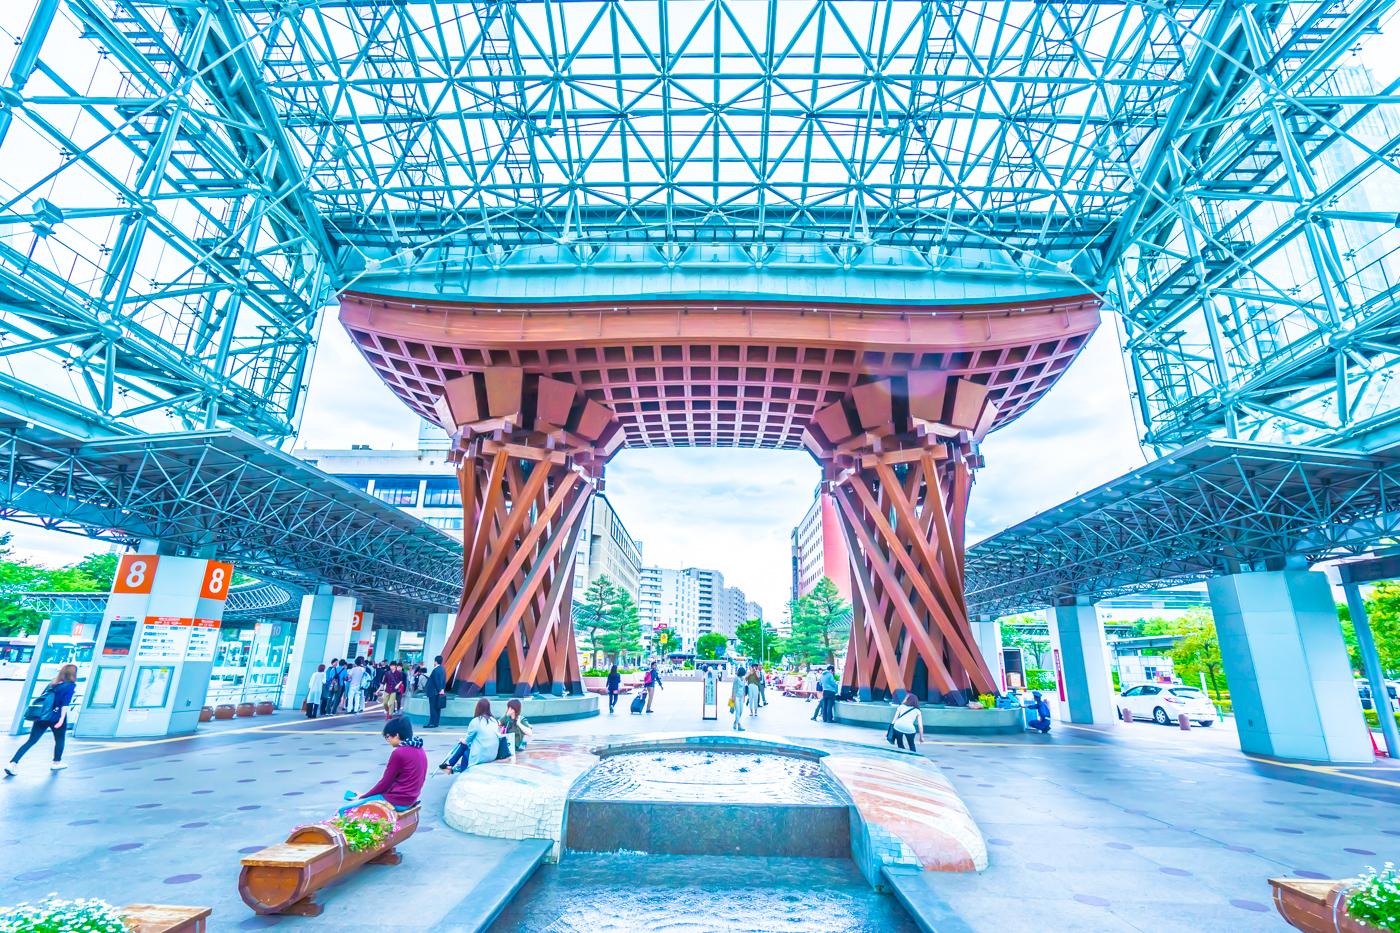 金沢駅 アイキャッチ画像